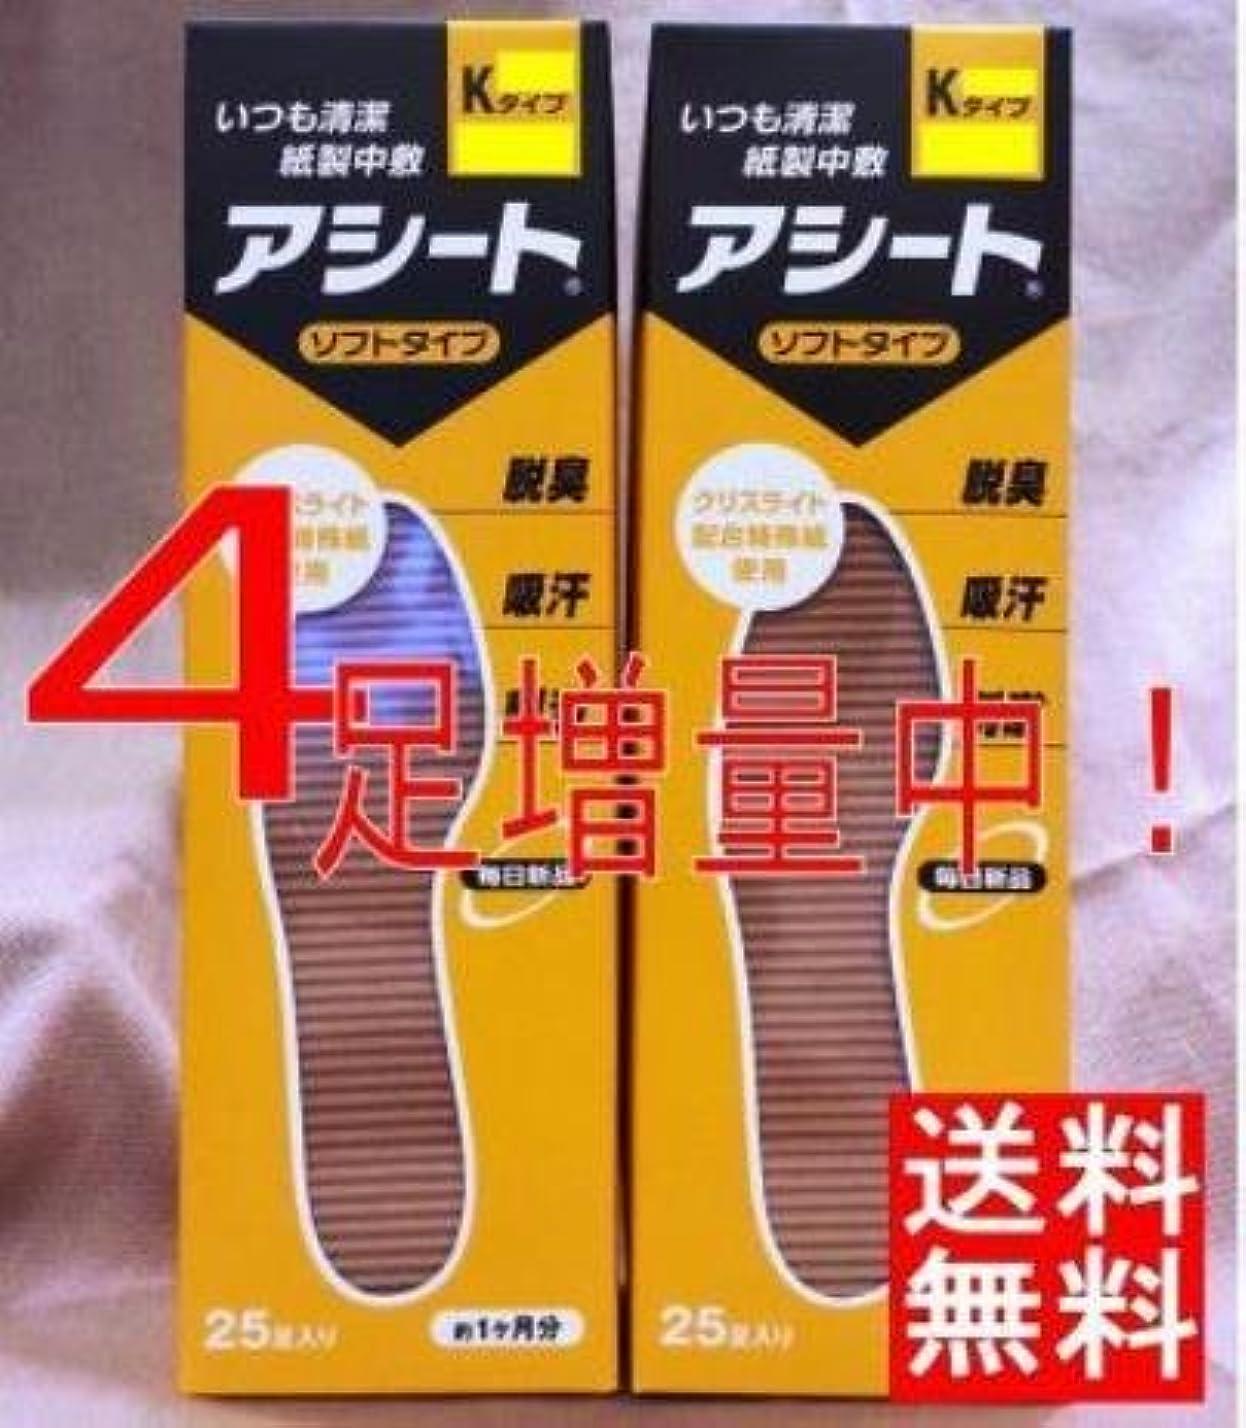 相反する国民篭アシートK(サイズ25cm)×2箱セット(4足増量中)